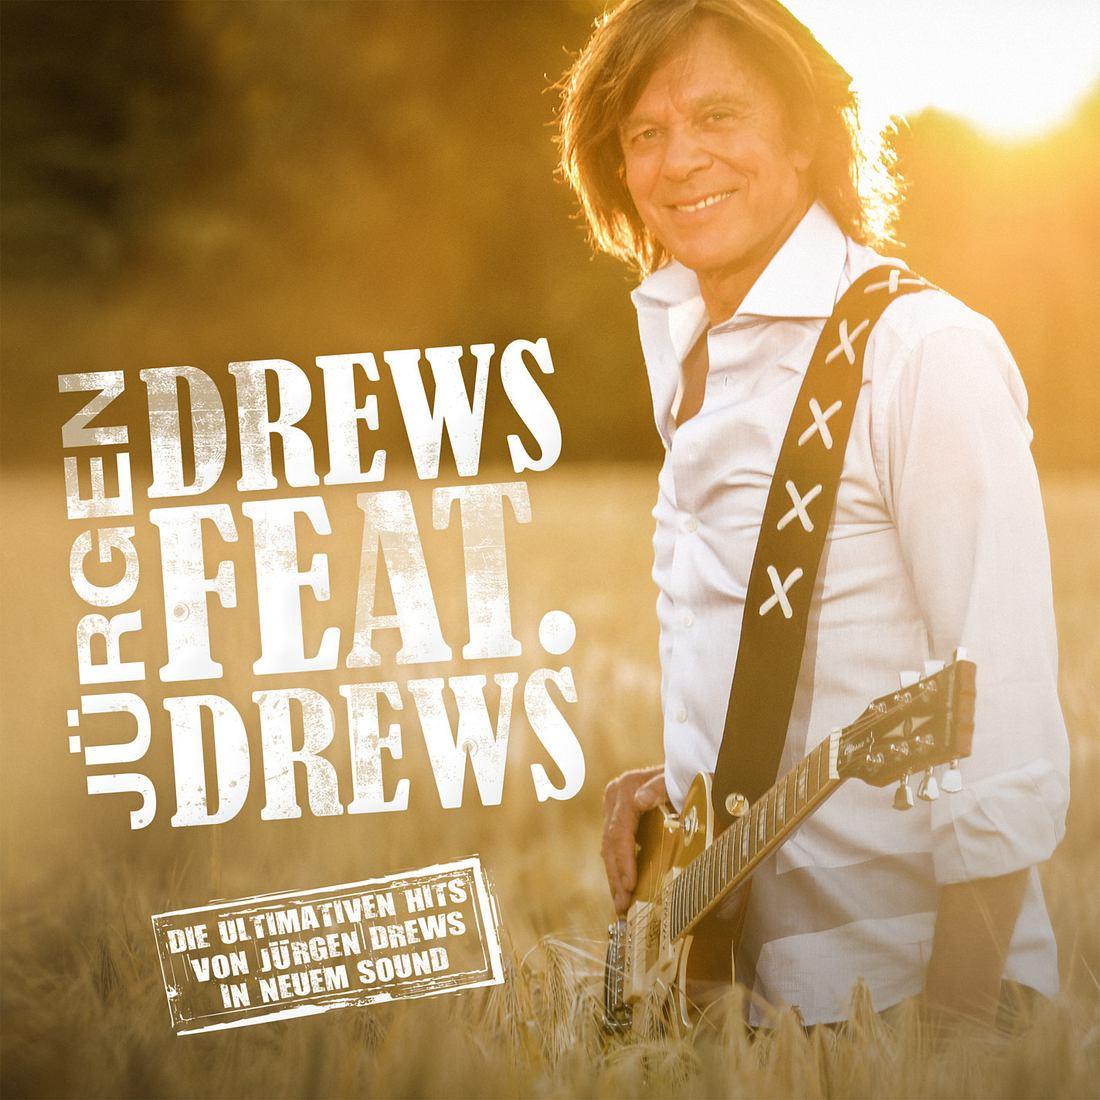 Jürgen Drews auf dem Album-Cover von